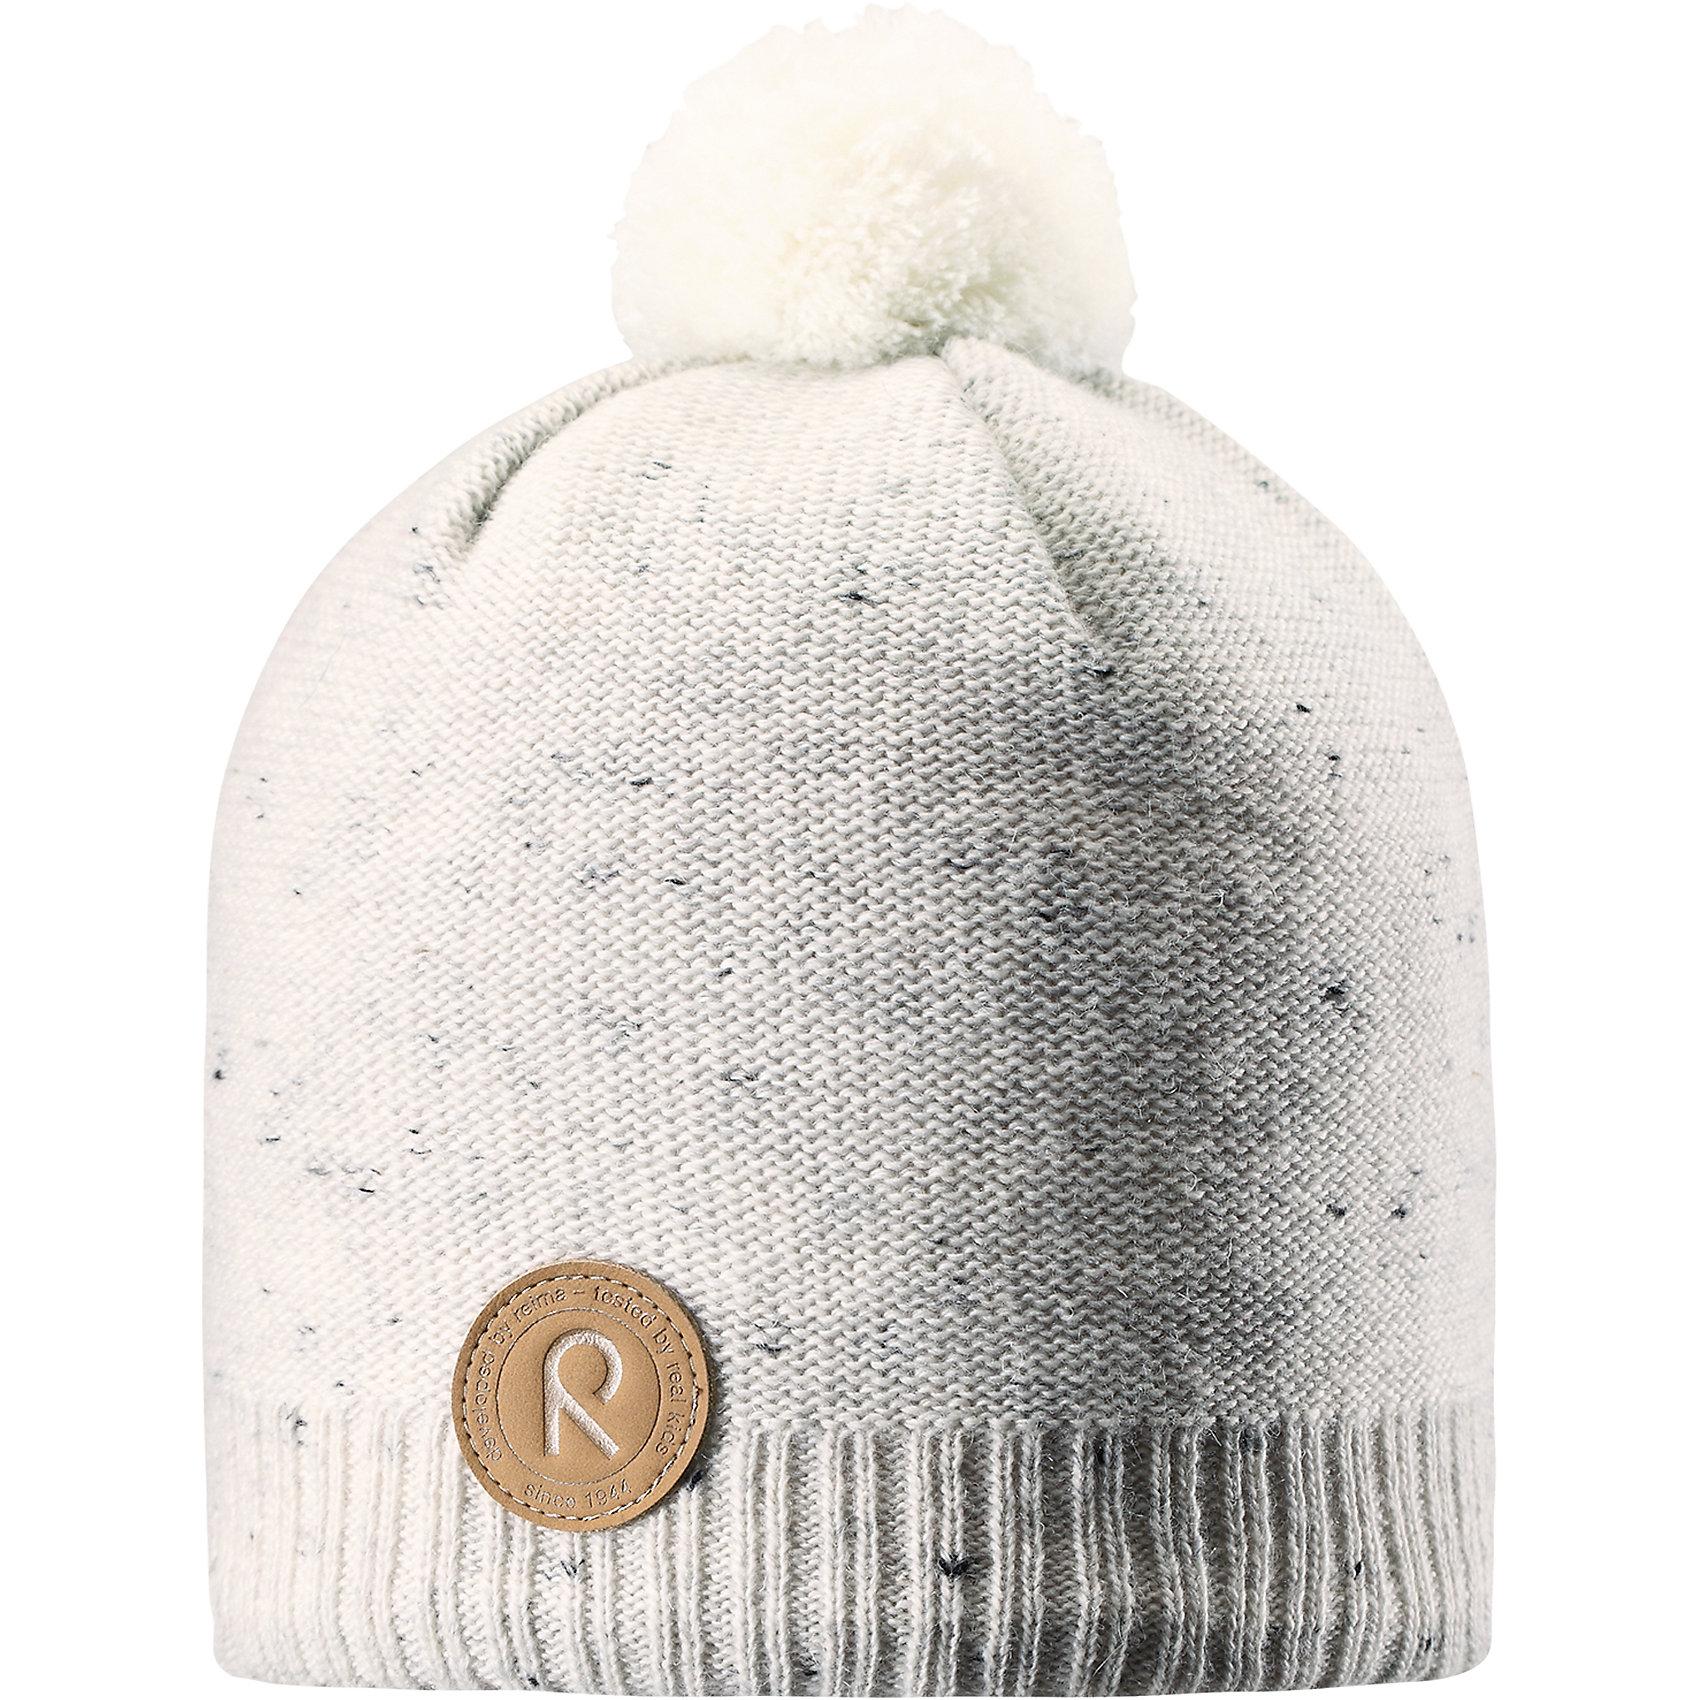 Шапка Reima KajaaniШапки и шарфы<br>Характеристики товара:<br><br>• цвет: белый;<br>• состав: 50% шерсть, 50% полиакрил;<br>• подкладка: 100% полиэстер, флис;<br>• без дополнительного утепления;<br>• сезон: зима;<br>• температурный режим: от 0 до -20С;<br>• шерсть идеально поддерживает температуру;<br>• ветронепроницаемые вставки в области ушей;<br>• сплошная подкладка: мягкий теплый флис;<br>• мягкая и теплая ткань из смеси шерсти;<br>• шапка с помпоном;<br>• логотип Reima® спереди;<br>• страна бренда: Финляндия;<br>• страна изготовитель: Китай.<br><br>Детская шапка из теплого шерстяного трикотажа. Материал превосходно регулирует температуру и хорошо согревает голову. Ветронепроницаемые вставки и подкладка из мягкого флиса. Декоративная структурная вязка.<br><br>Шапку Kajaani Reima от финского бренда Reima (Рейма) можно купить в нашем интернет-магазине.<br><br>Ширина мм: 89<br>Глубина мм: 117<br>Высота мм: 44<br>Вес г: 155<br>Цвет: белый<br>Возраст от месяцев: 84<br>Возраст до месяцев: 144<br>Пол: Унисекс<br>Возраст: Детский<br>Размер: 56,50,52,54<br>SKU: 6902808